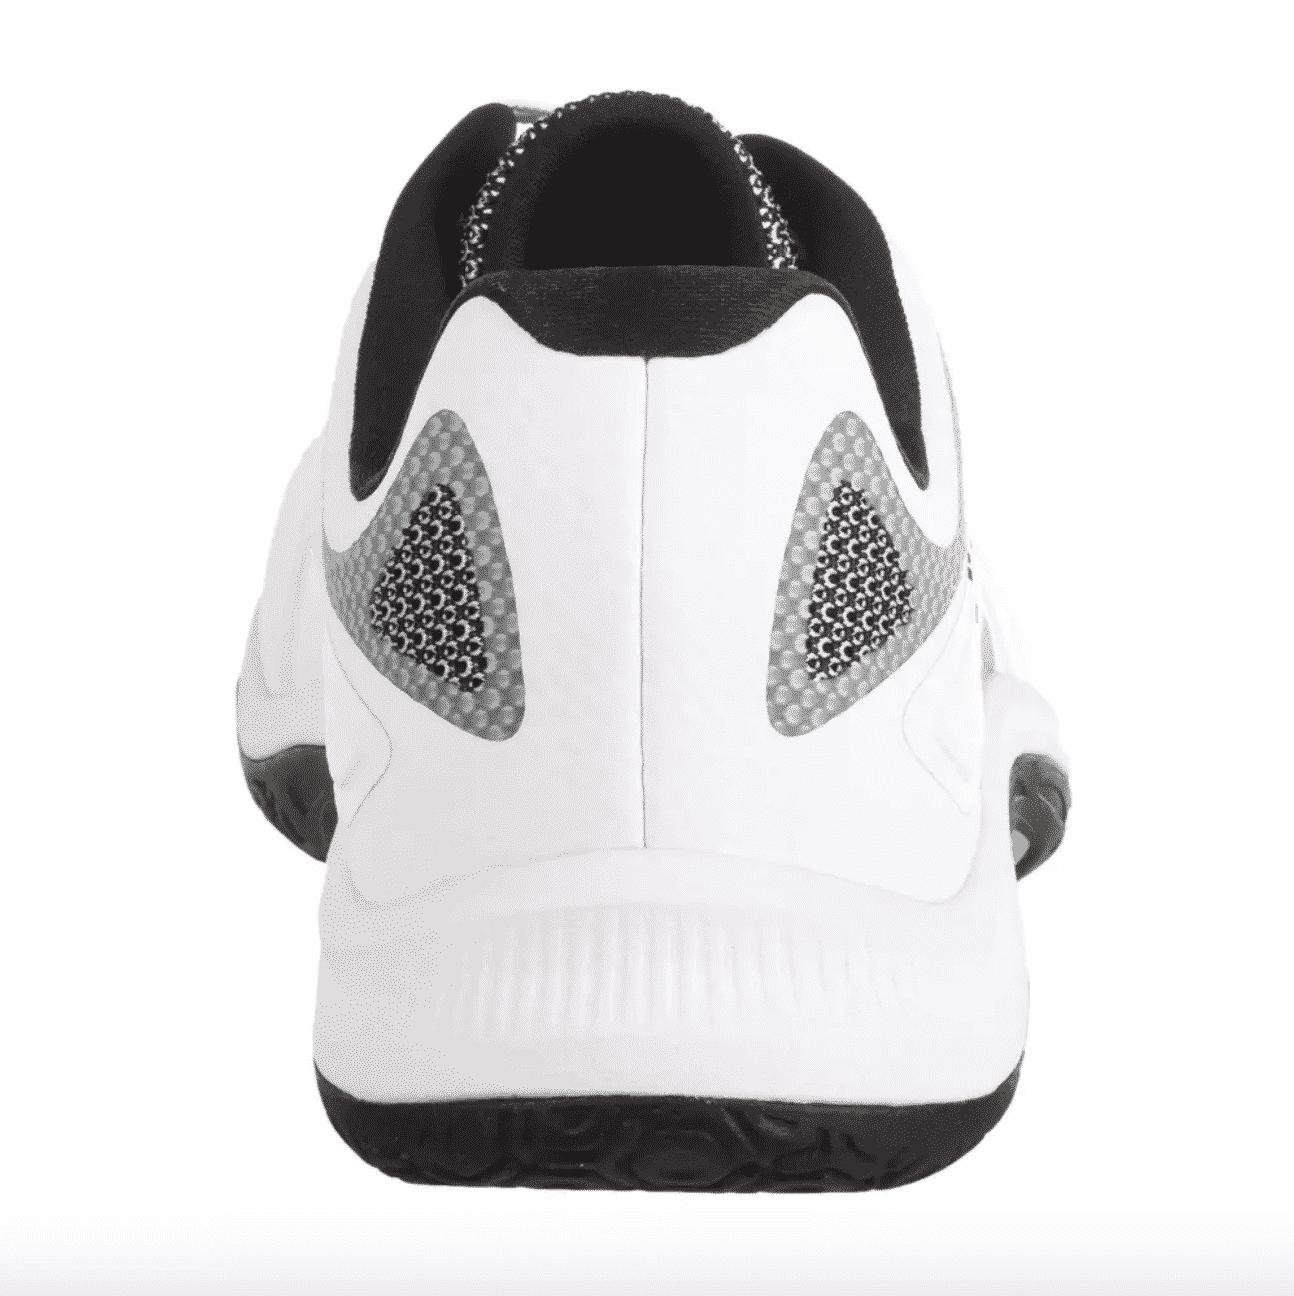 allsix-presente-ses-nouvelles-chaussures-de-volley-vs900-5